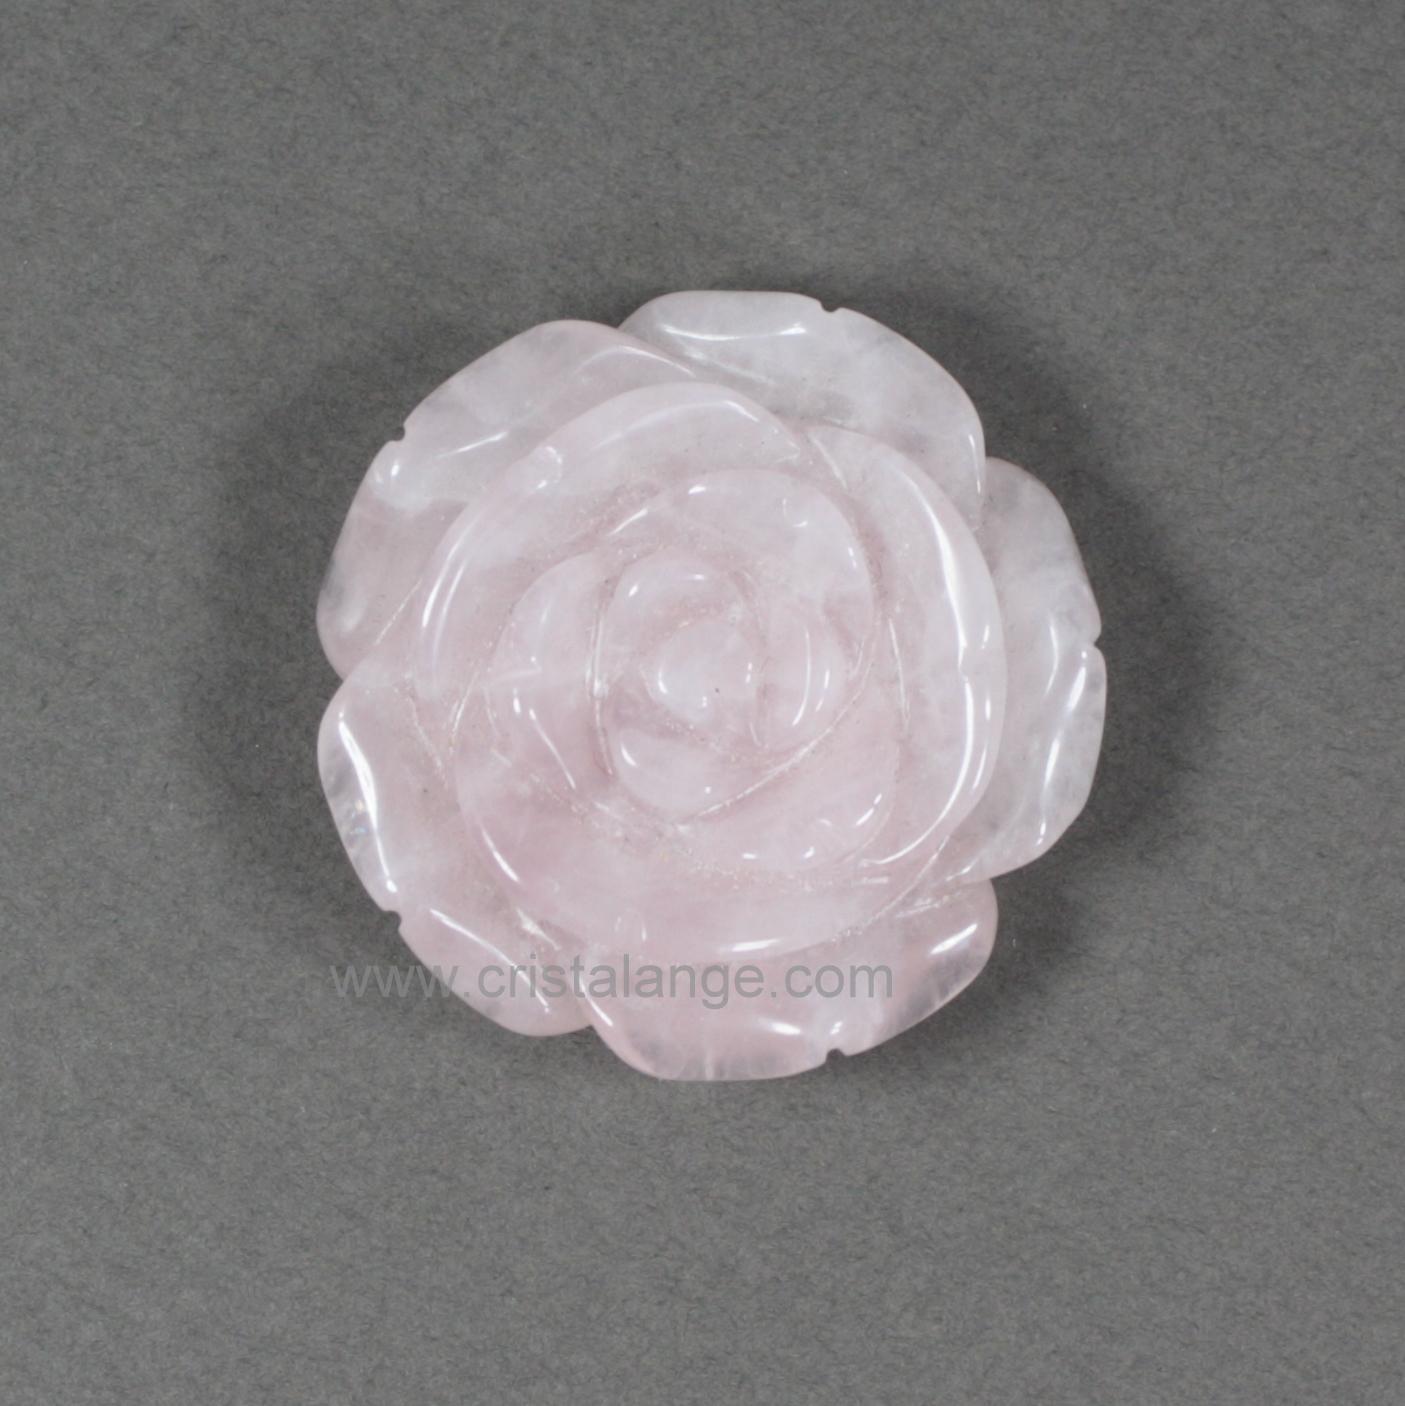 pendentif fleur de quartz rose beverlym bijoux pierres cristalange bijoux lithotherapie. Black Bedroom Furniture Sets. Home Design Ideas